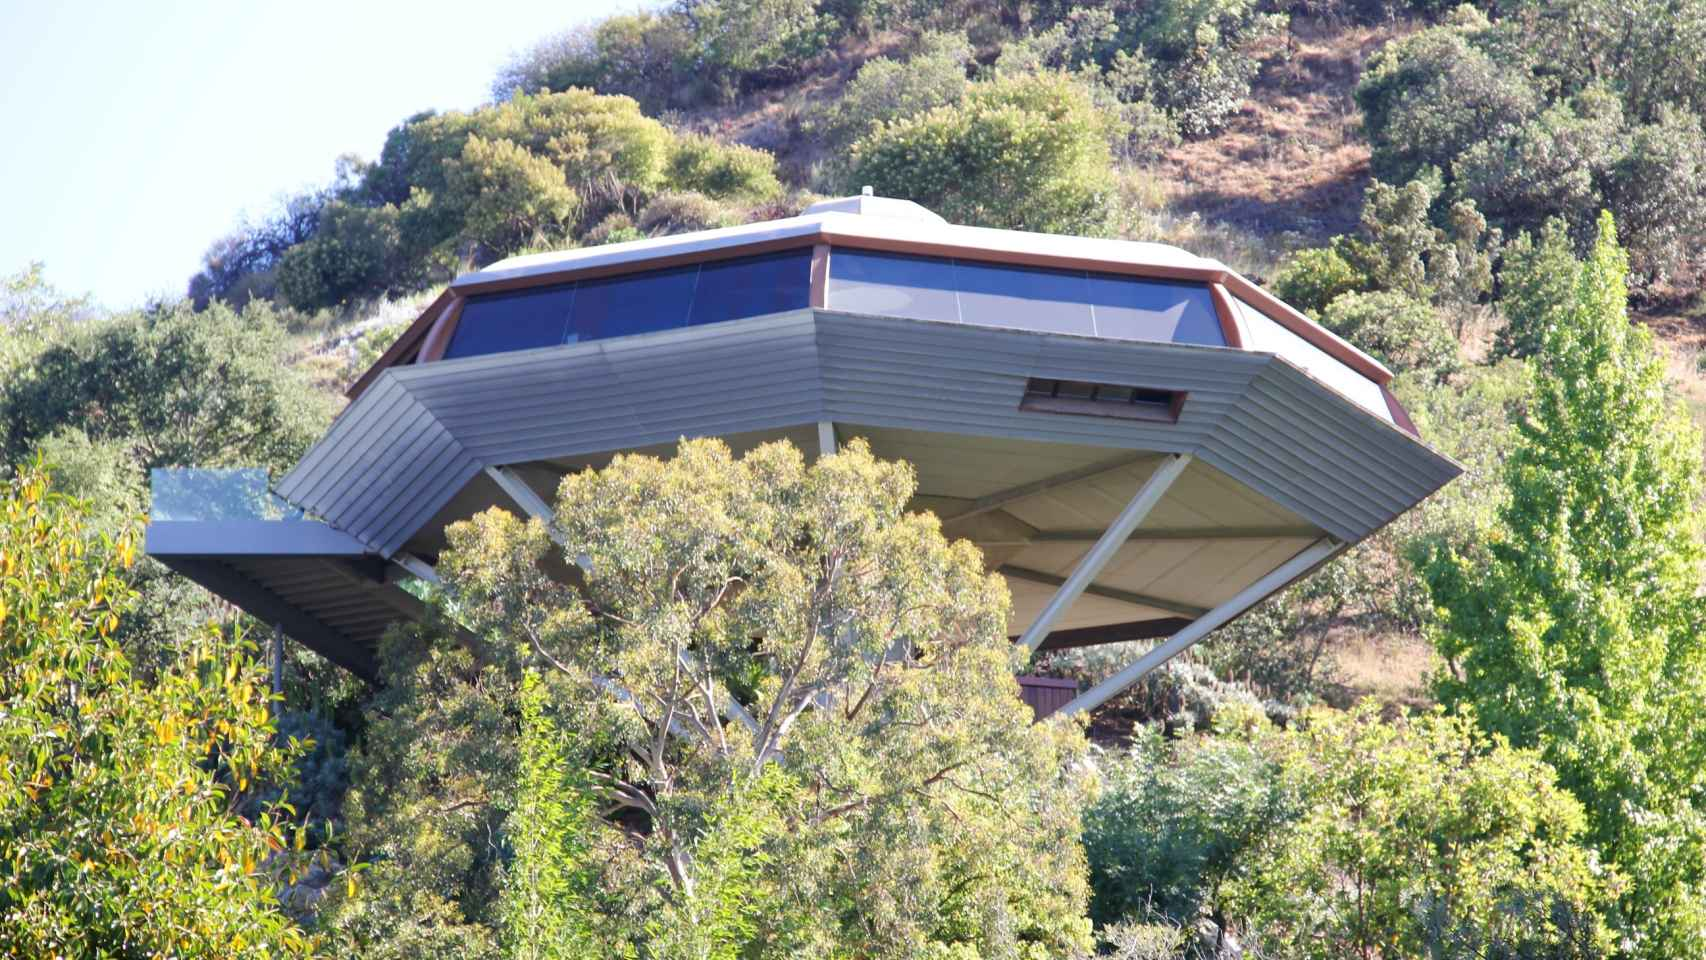 Chemosphere, diseñada en 1960 por el arquitecto John Lautner, se asoma a las colinas de Hollywood sobre Mulholland Drive, mirando al Valle de San Fernando, orgullosa de ser, en su día, la casa más moderna del mundo.